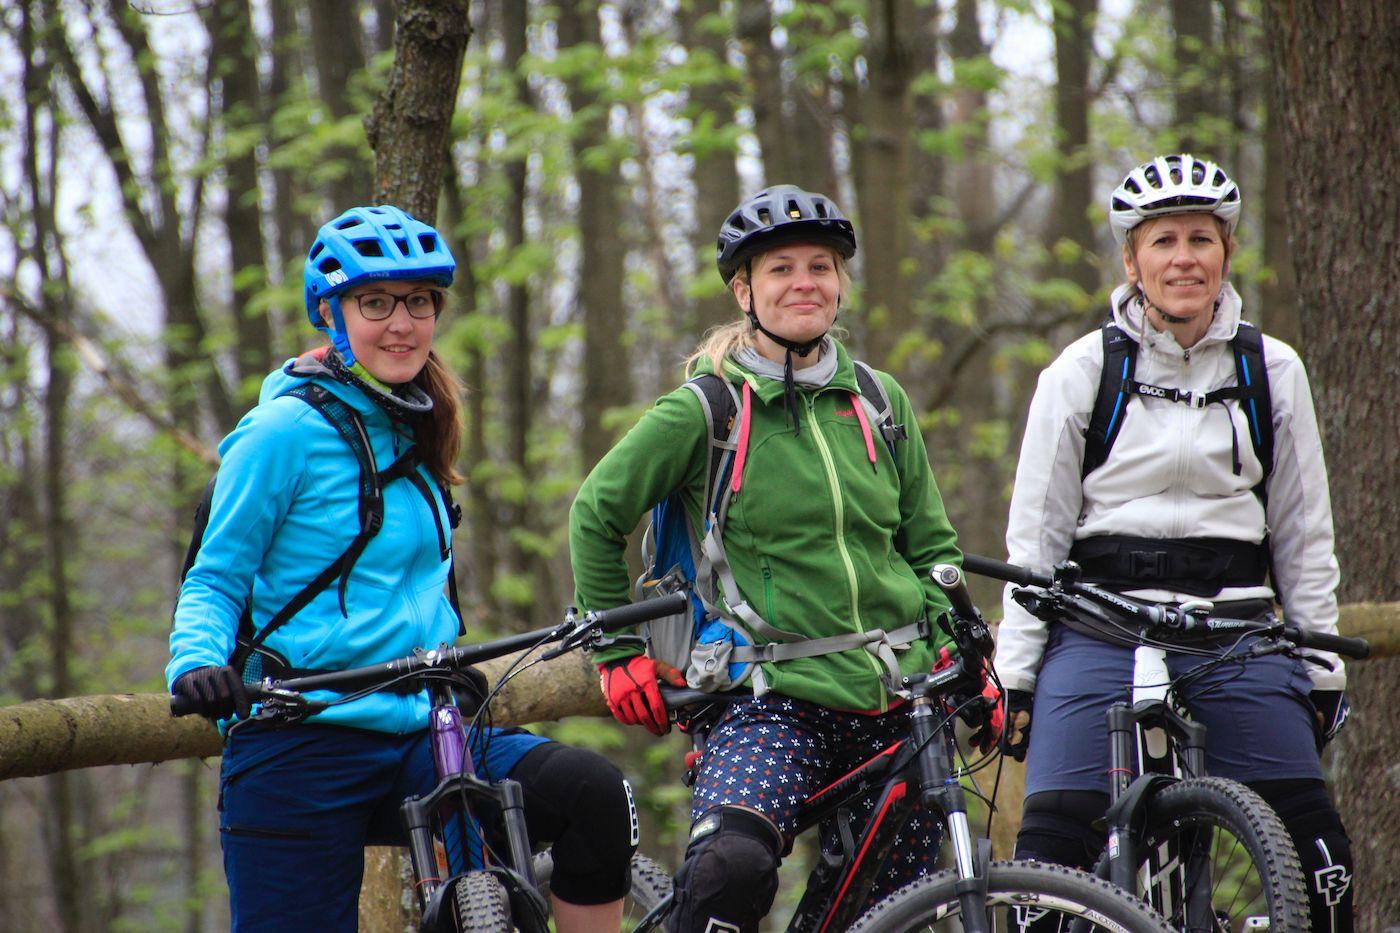 MTB Fahrtechnik Kurs Fortgeschrittene in Saarbrücken - Mountainbike Fortgeschritten - Rock my Trail Bikeschule - 19